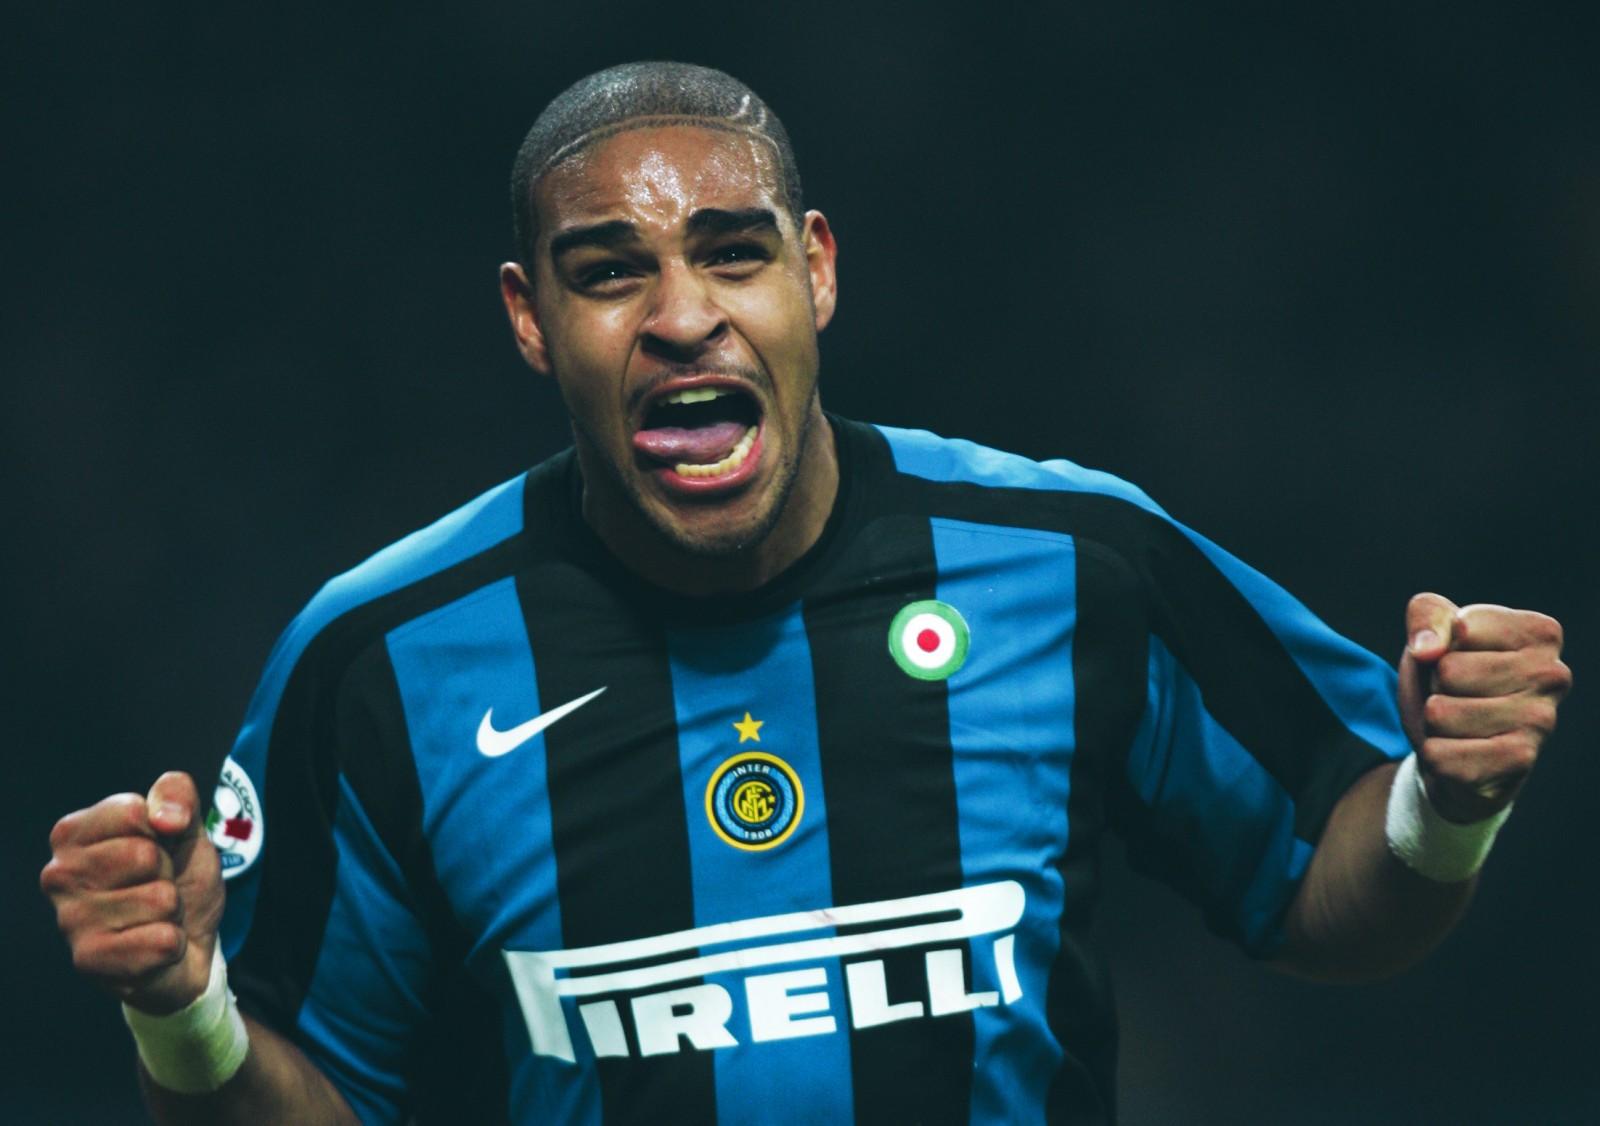 Adriano et la triste histoire d'une carrière pleine de regrets - Le Corner